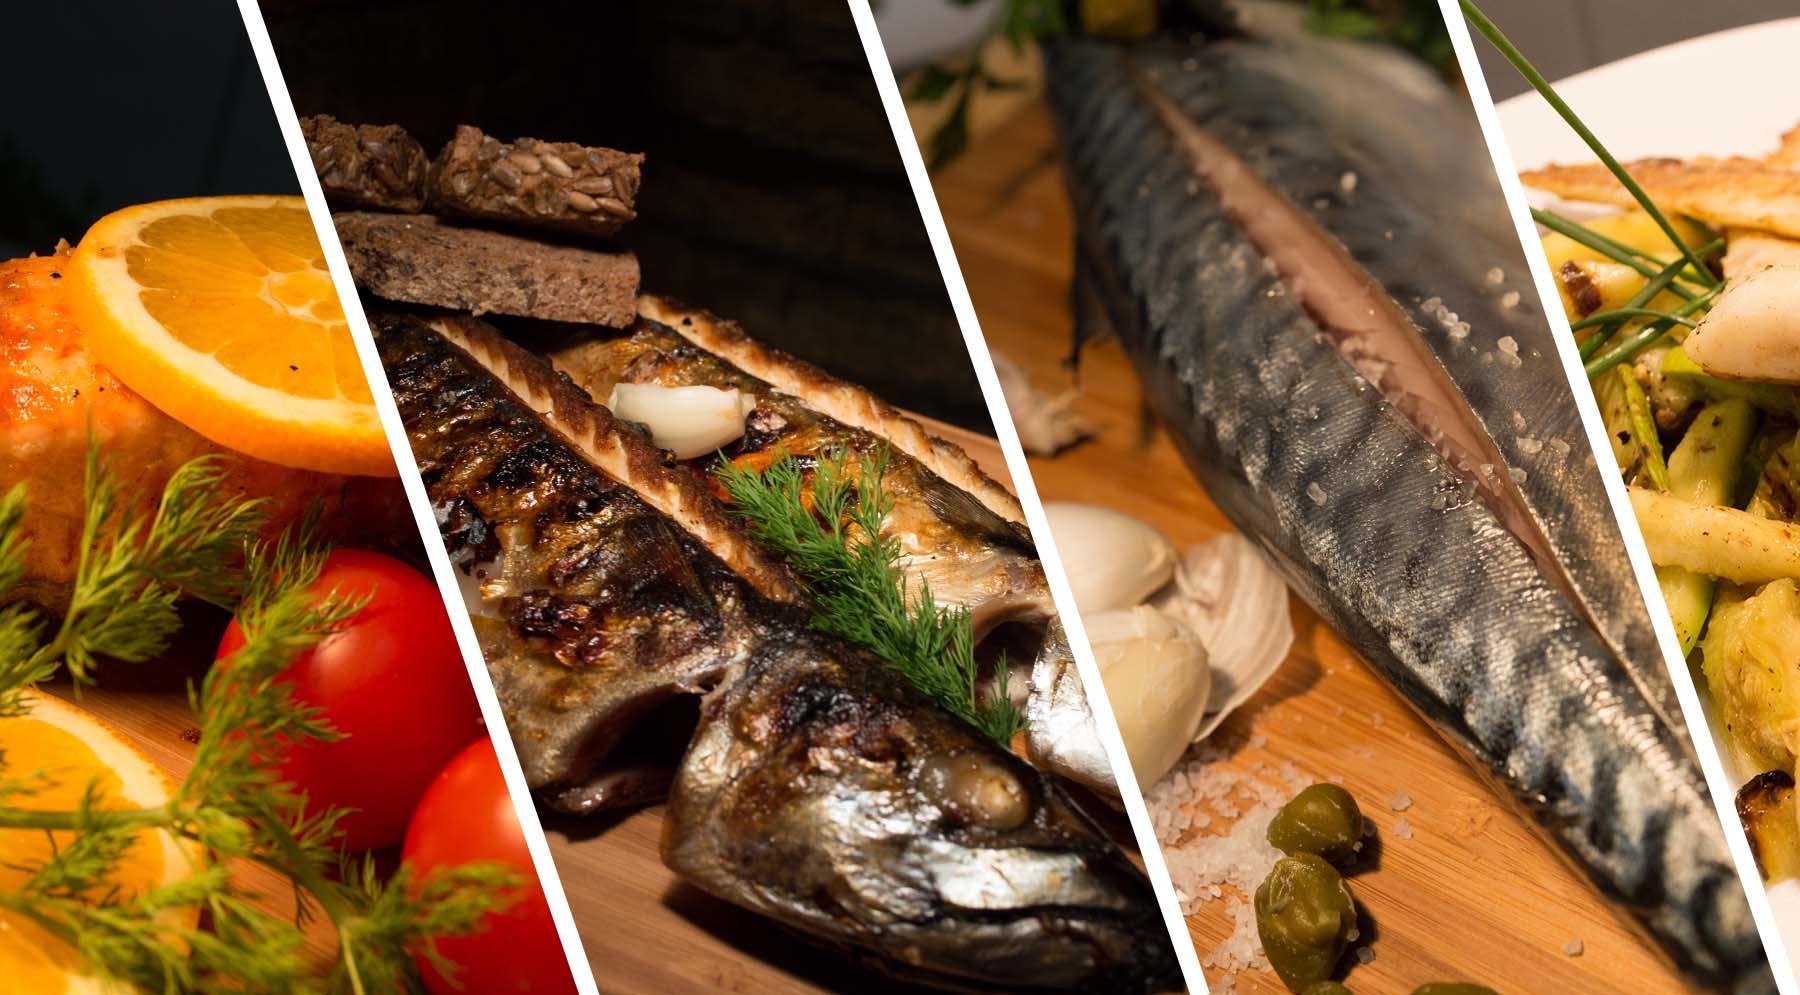 Pečena riba na žaru